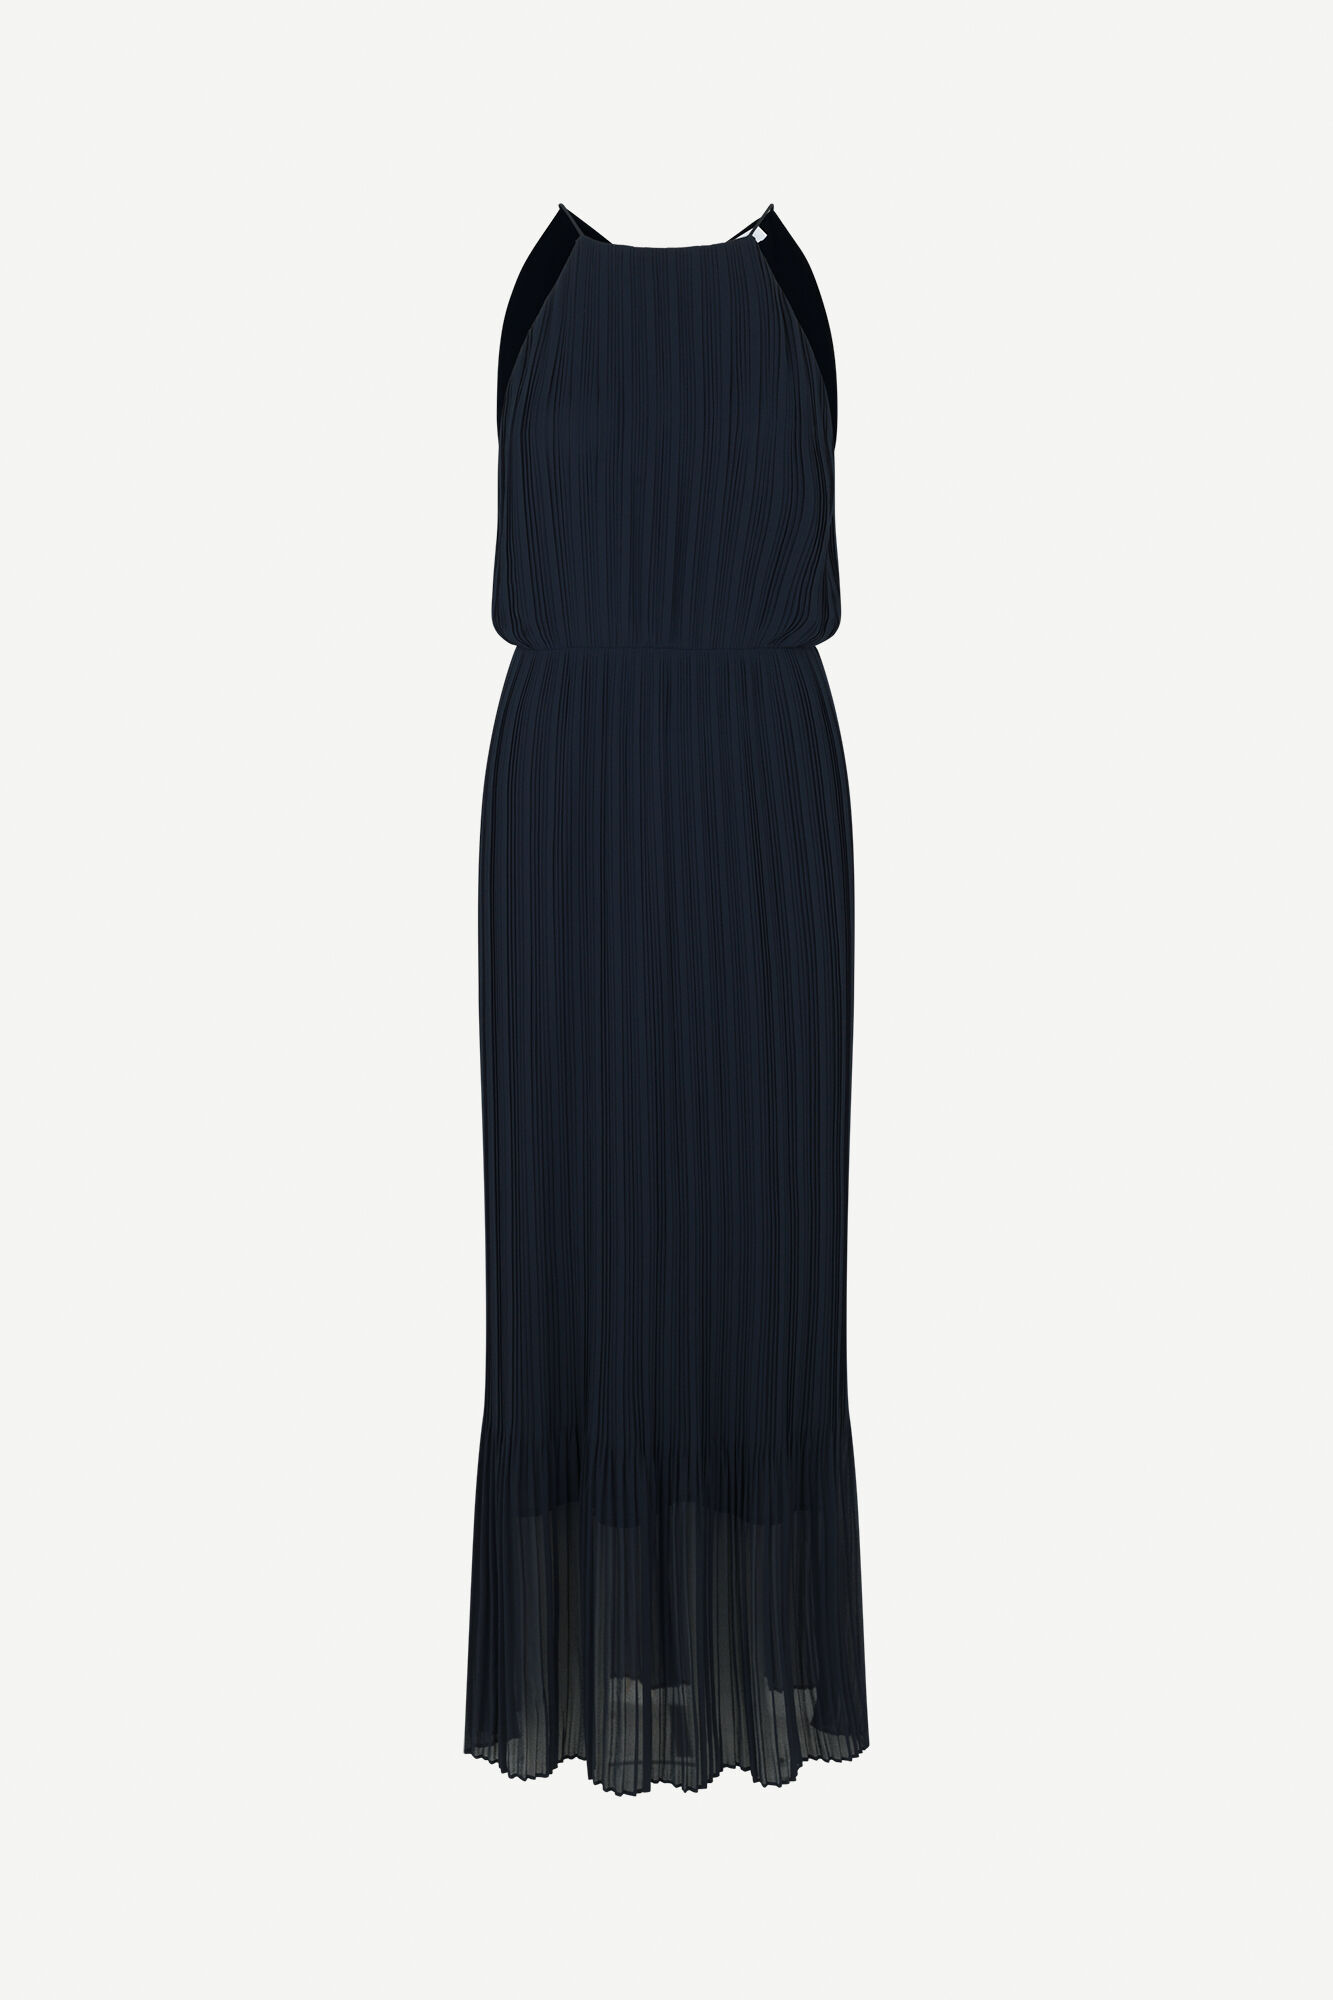 Myllow l dress 6621, SKY CAPTAIN